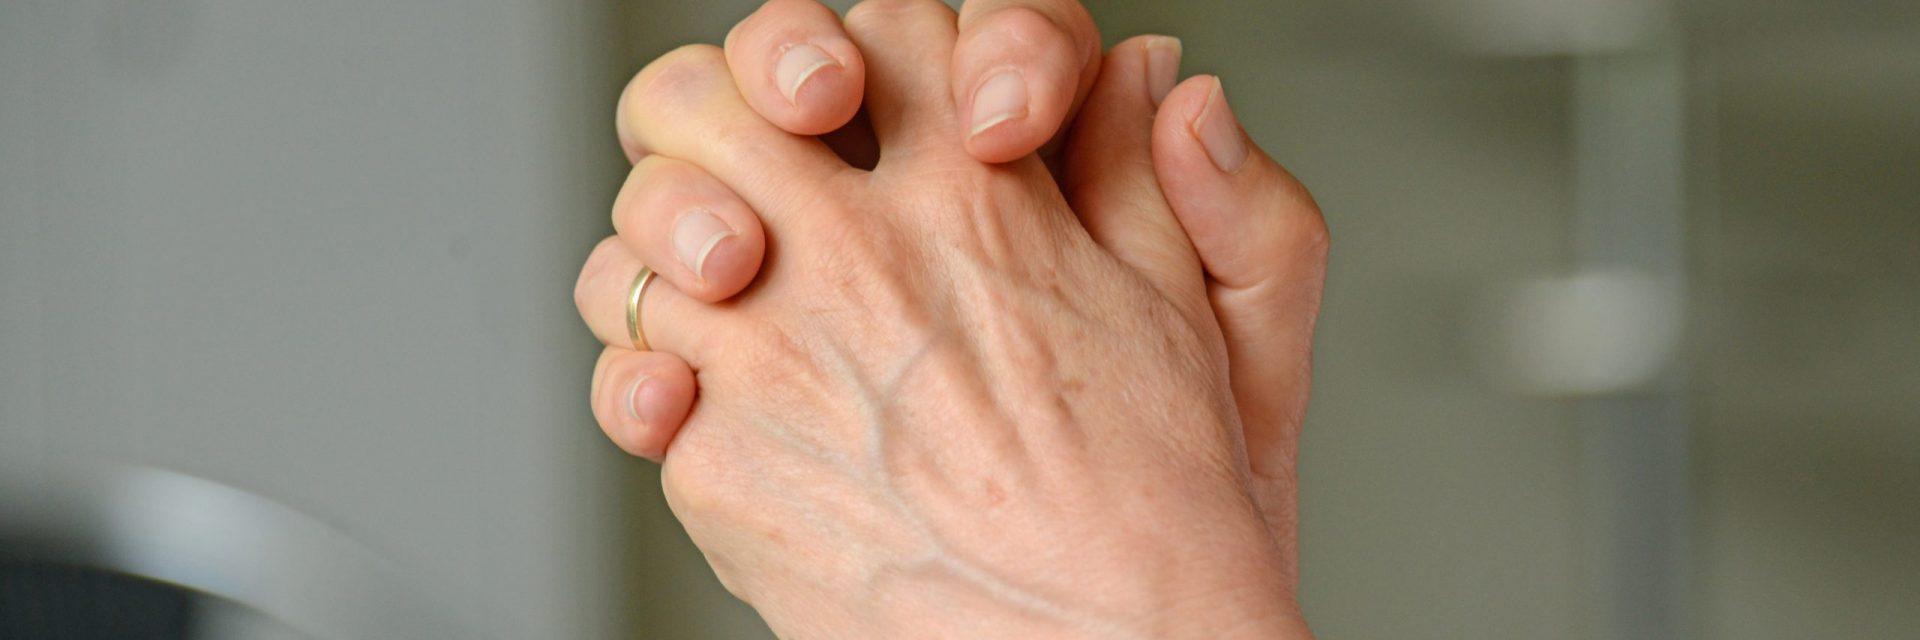 betende Hände, Hände, Hand, beten, Gebet